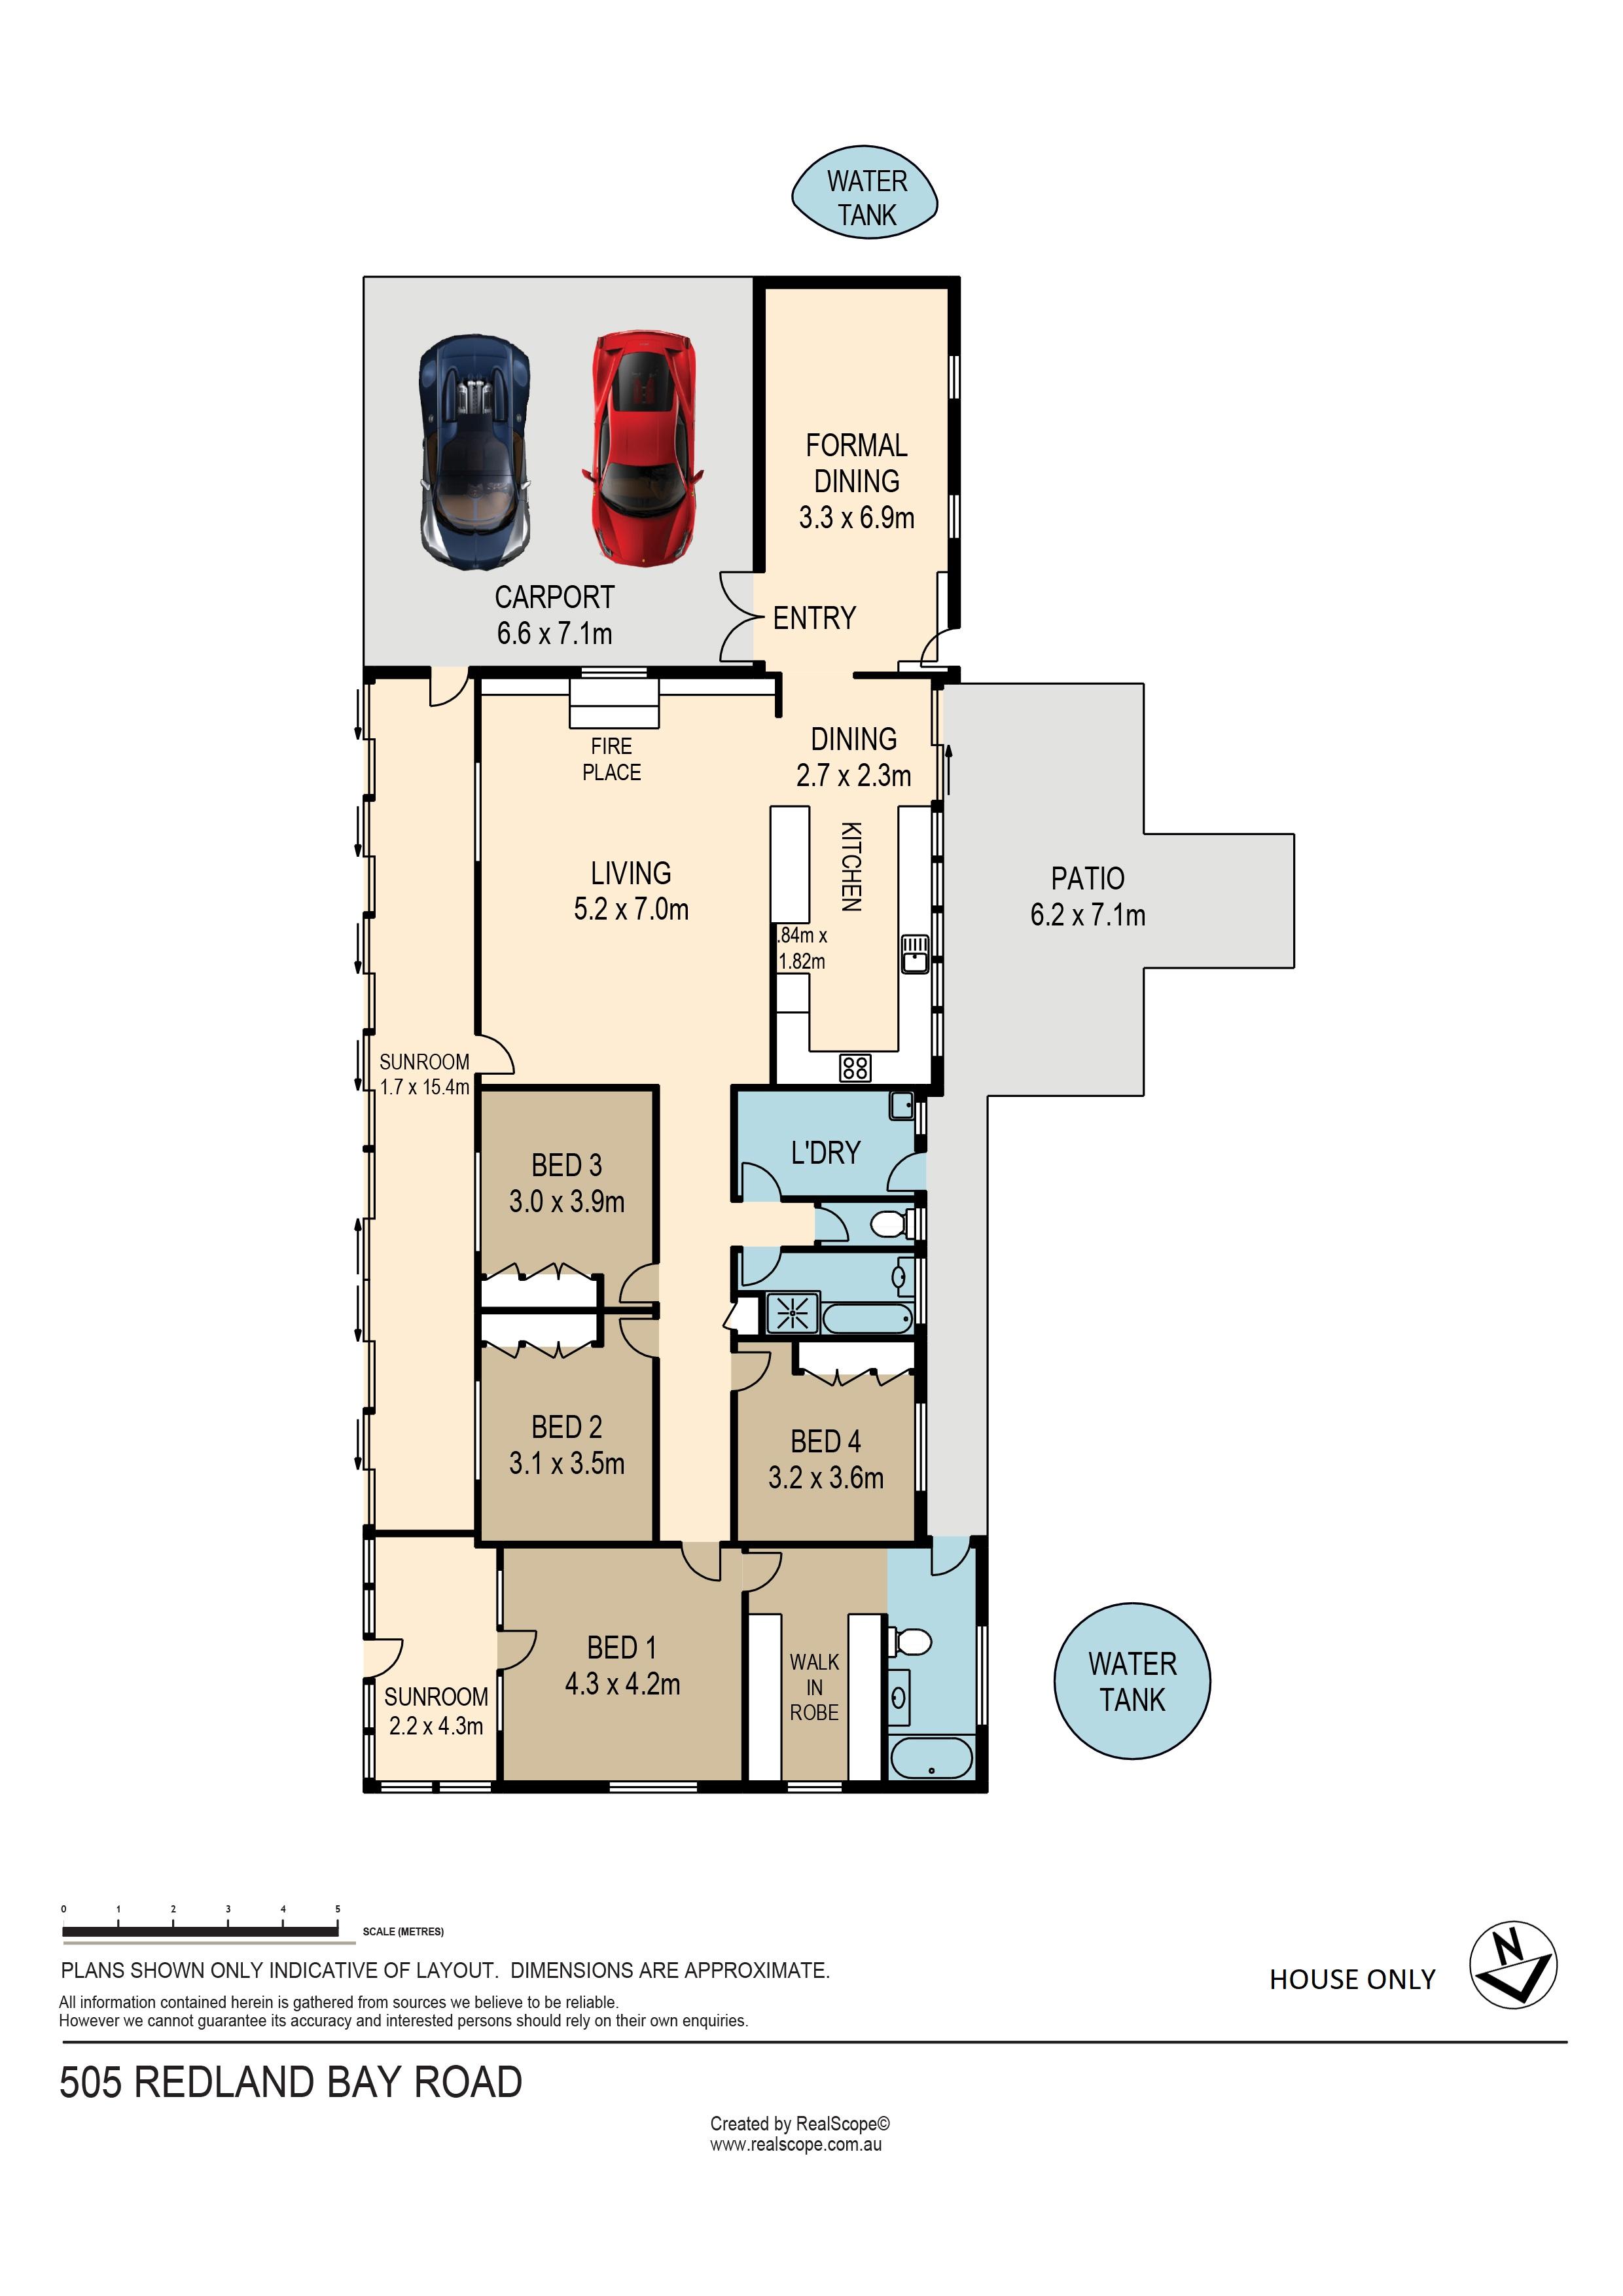 505 Redland Bay Road, Capalaba, QLD, 4157 - Floorplan 1